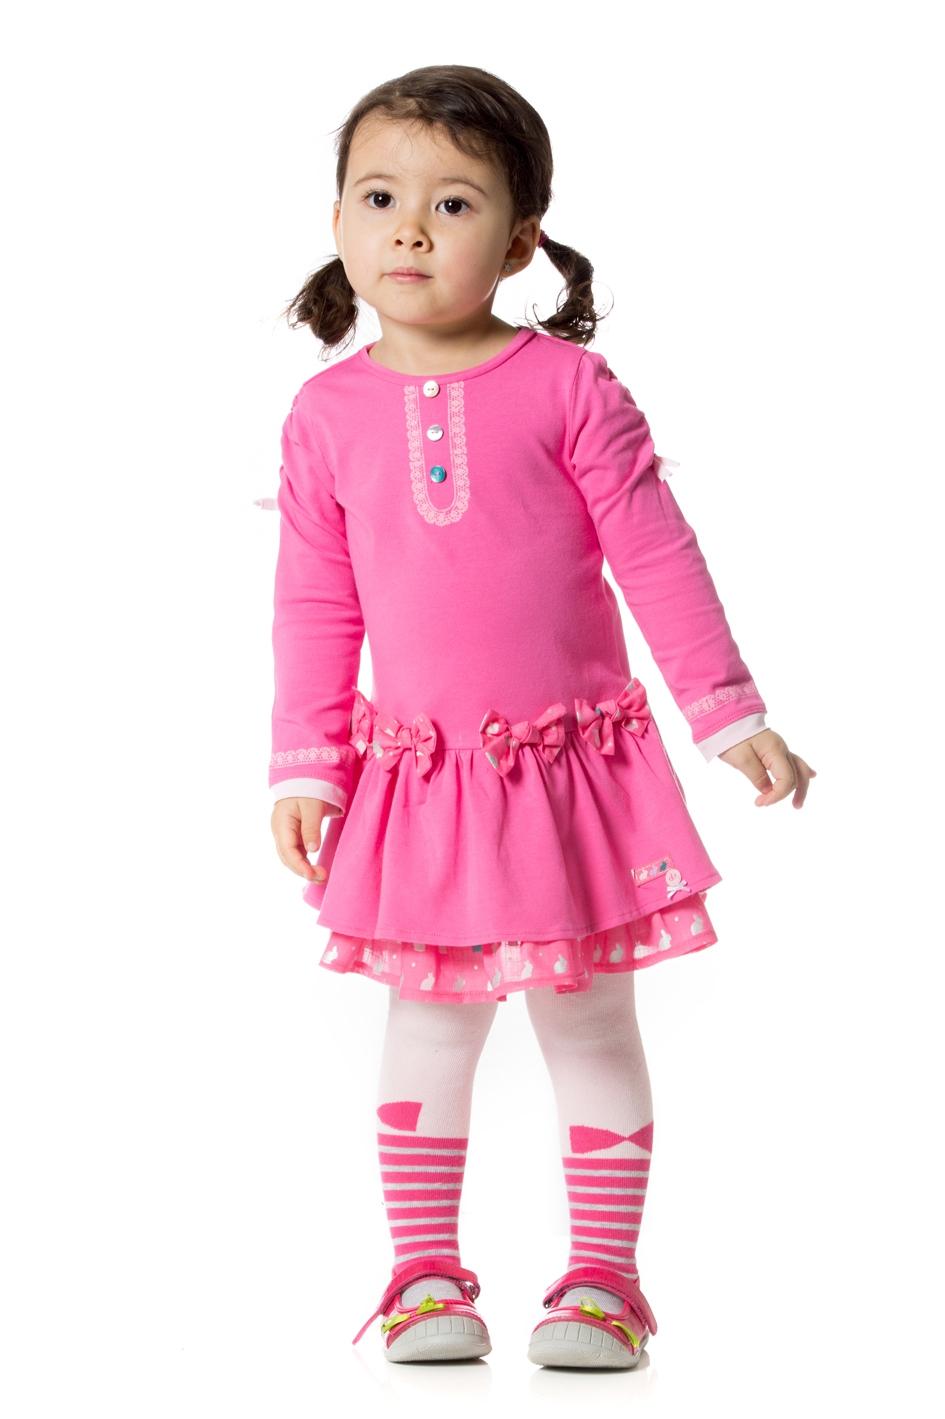 صورة ازياء اطفال شتوية , اجعل طفلك متميز مع احلى طله شتويه 5115 5